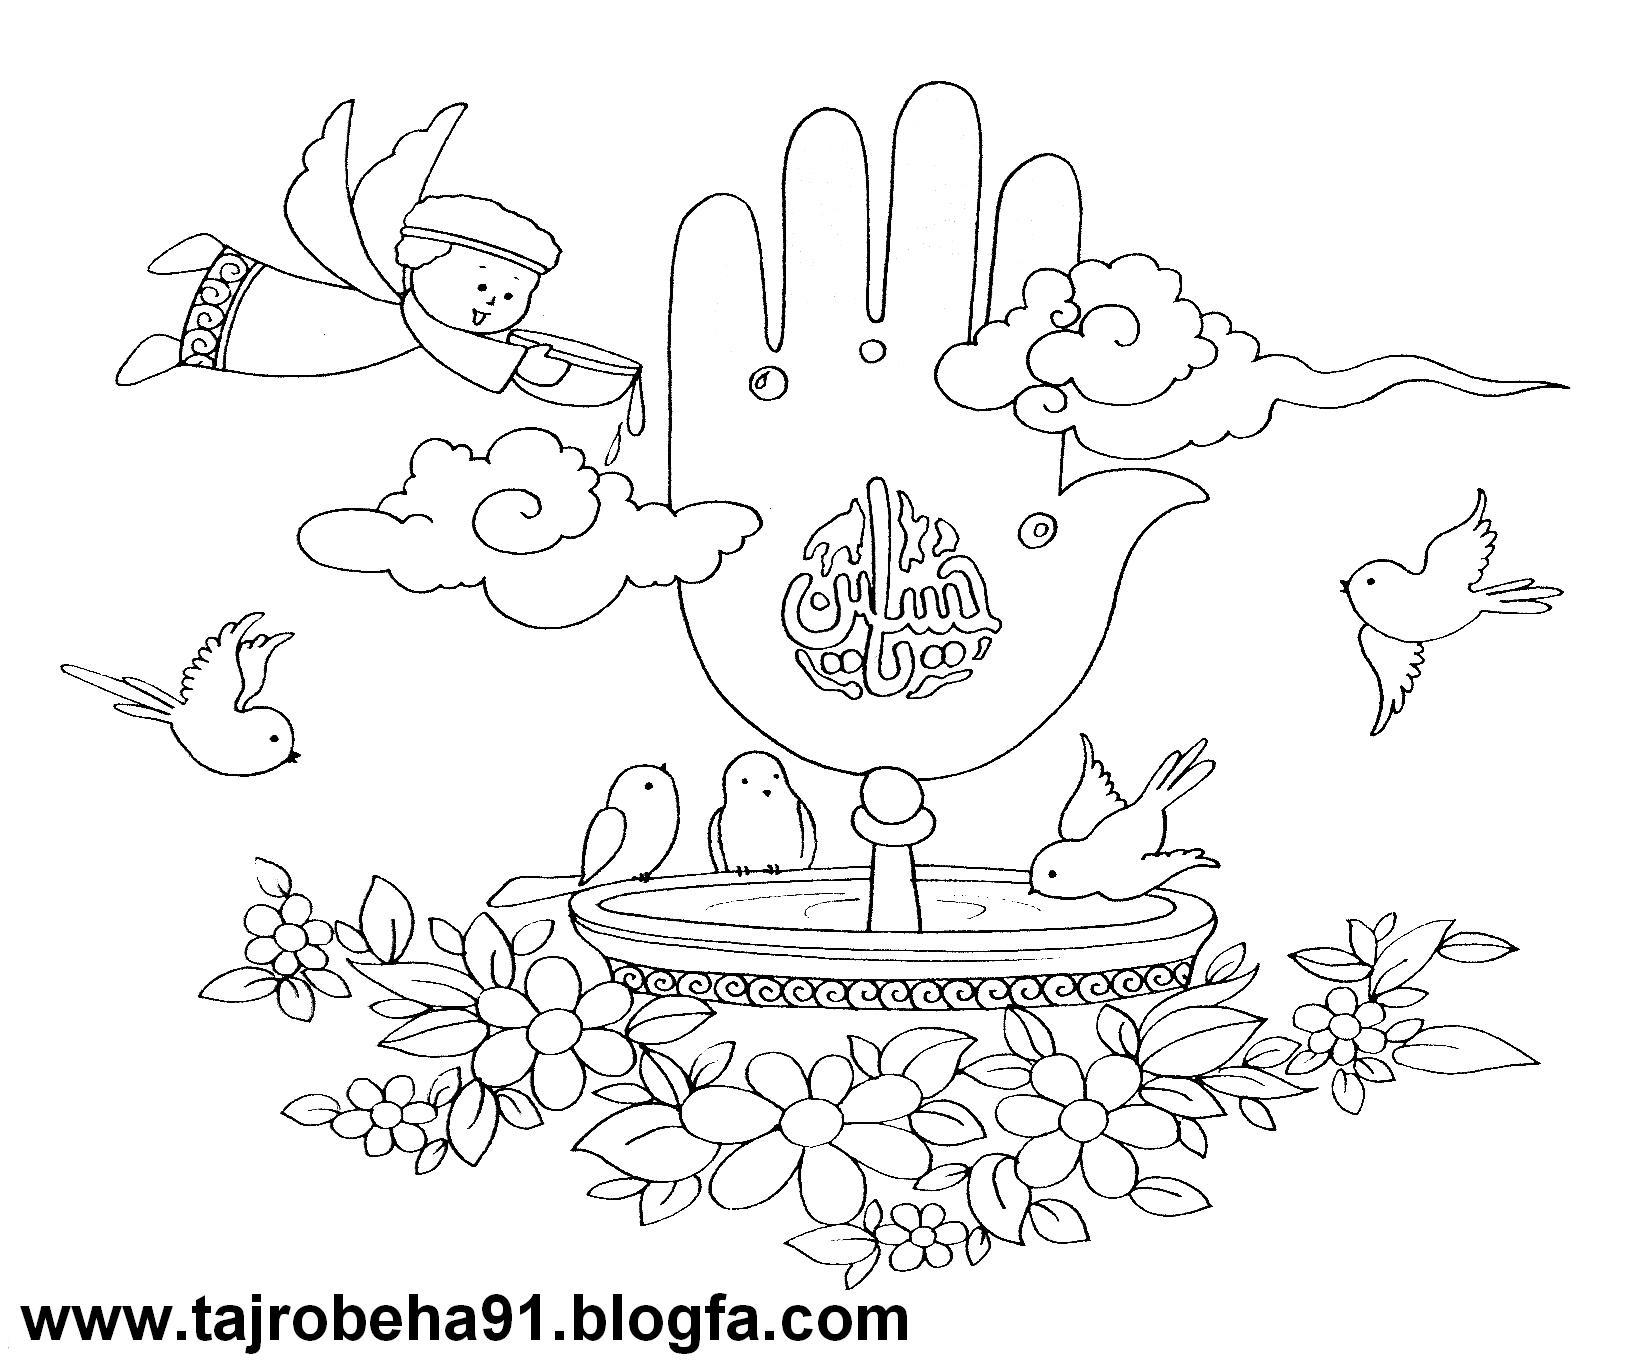 تصویر مذهبی کودکانه برای رنگ آمیزی میلاد امام حسین ع